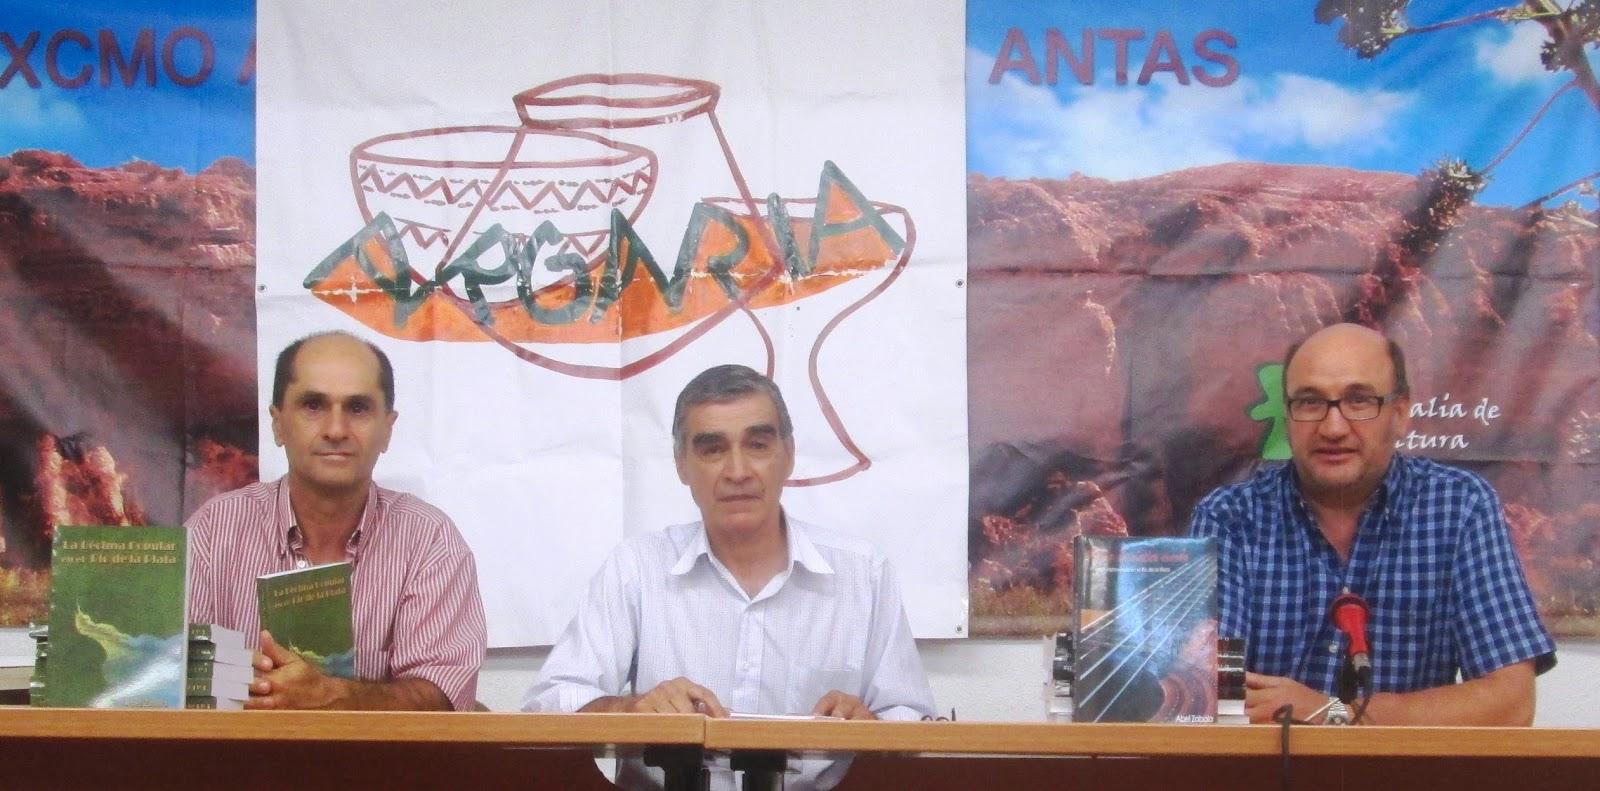 ABEL ZABALA presenta su libro LA DÉCIMA POPULAR EN EL RÍO DE LA PLATA en Antas (Almería)